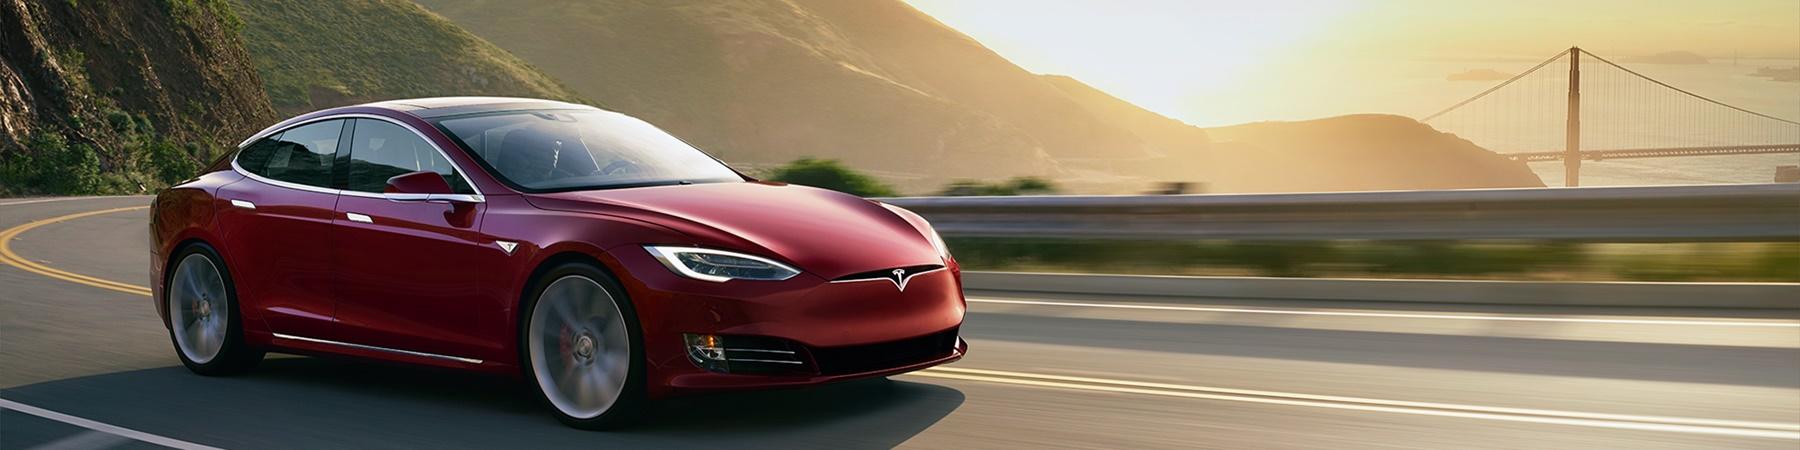 Tesla Model S 100kWh 519 km actieradius